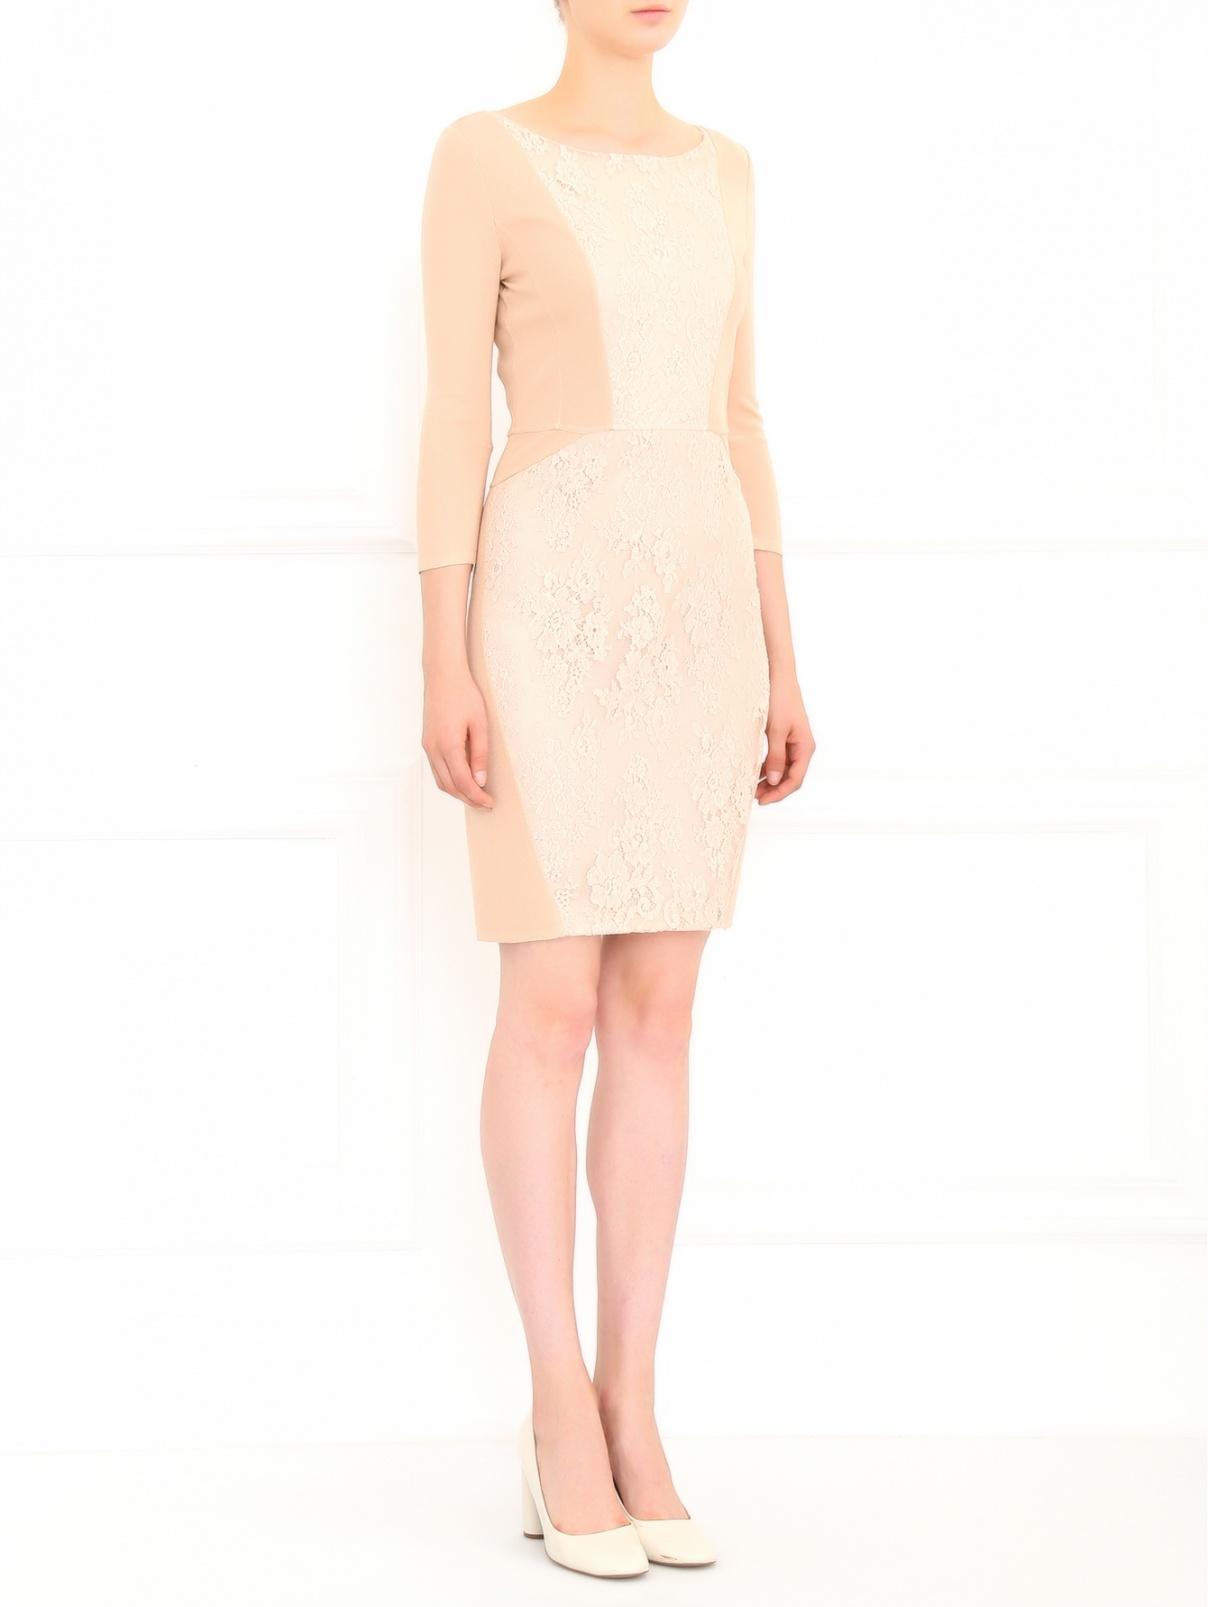 Платье с вставками из кружева LIL Paris  –  Модель Общий вид  – Цвет:  Бежевый